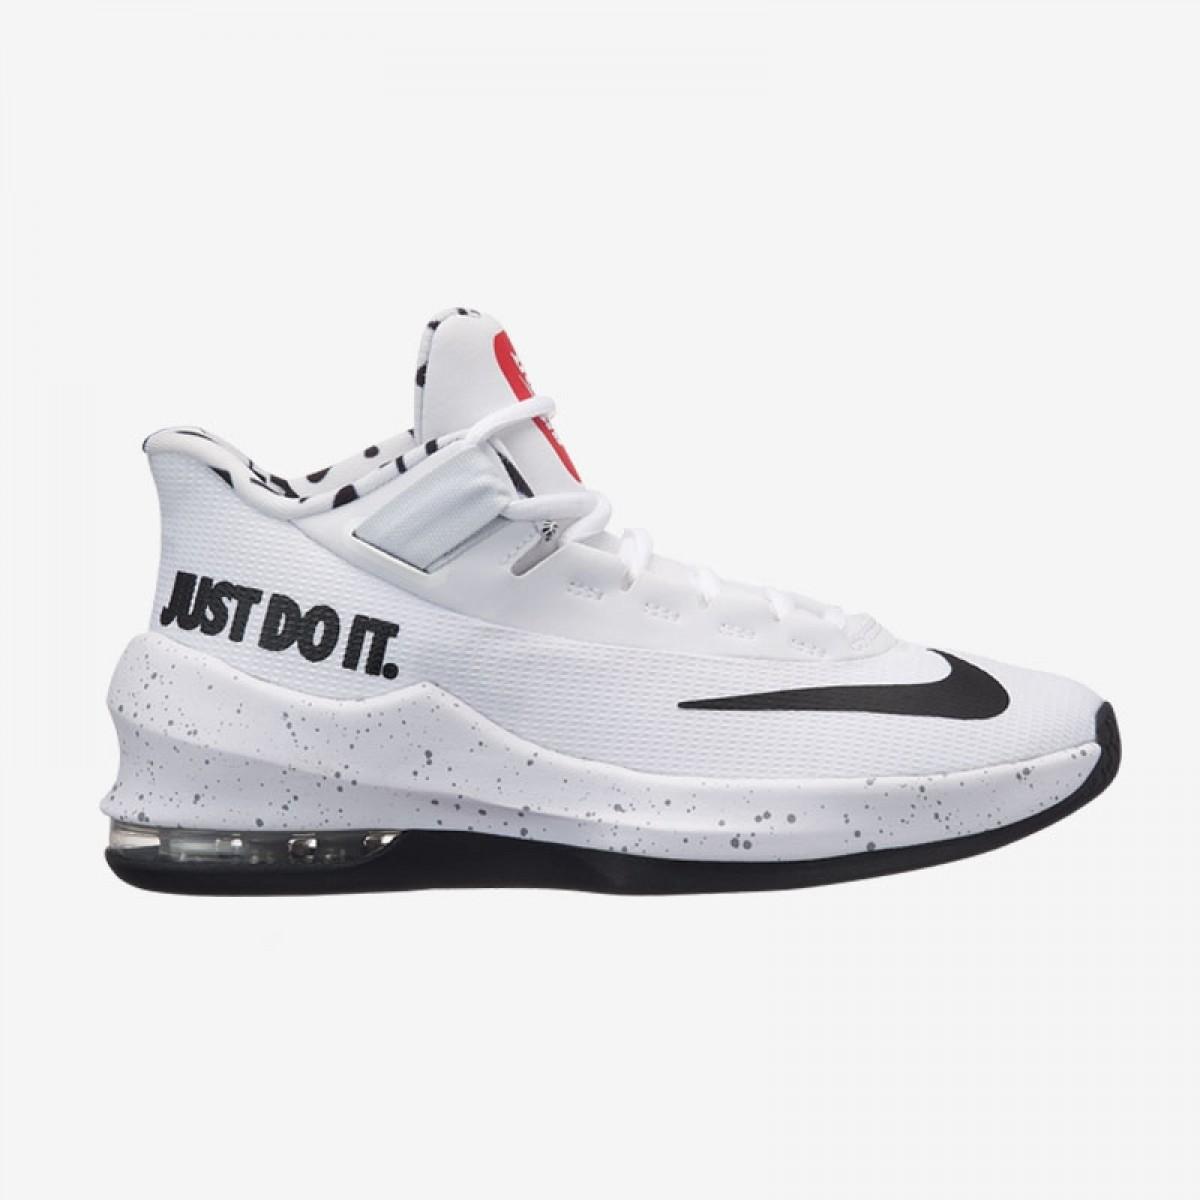 Nike Air Max Infuriate II 'JDI'